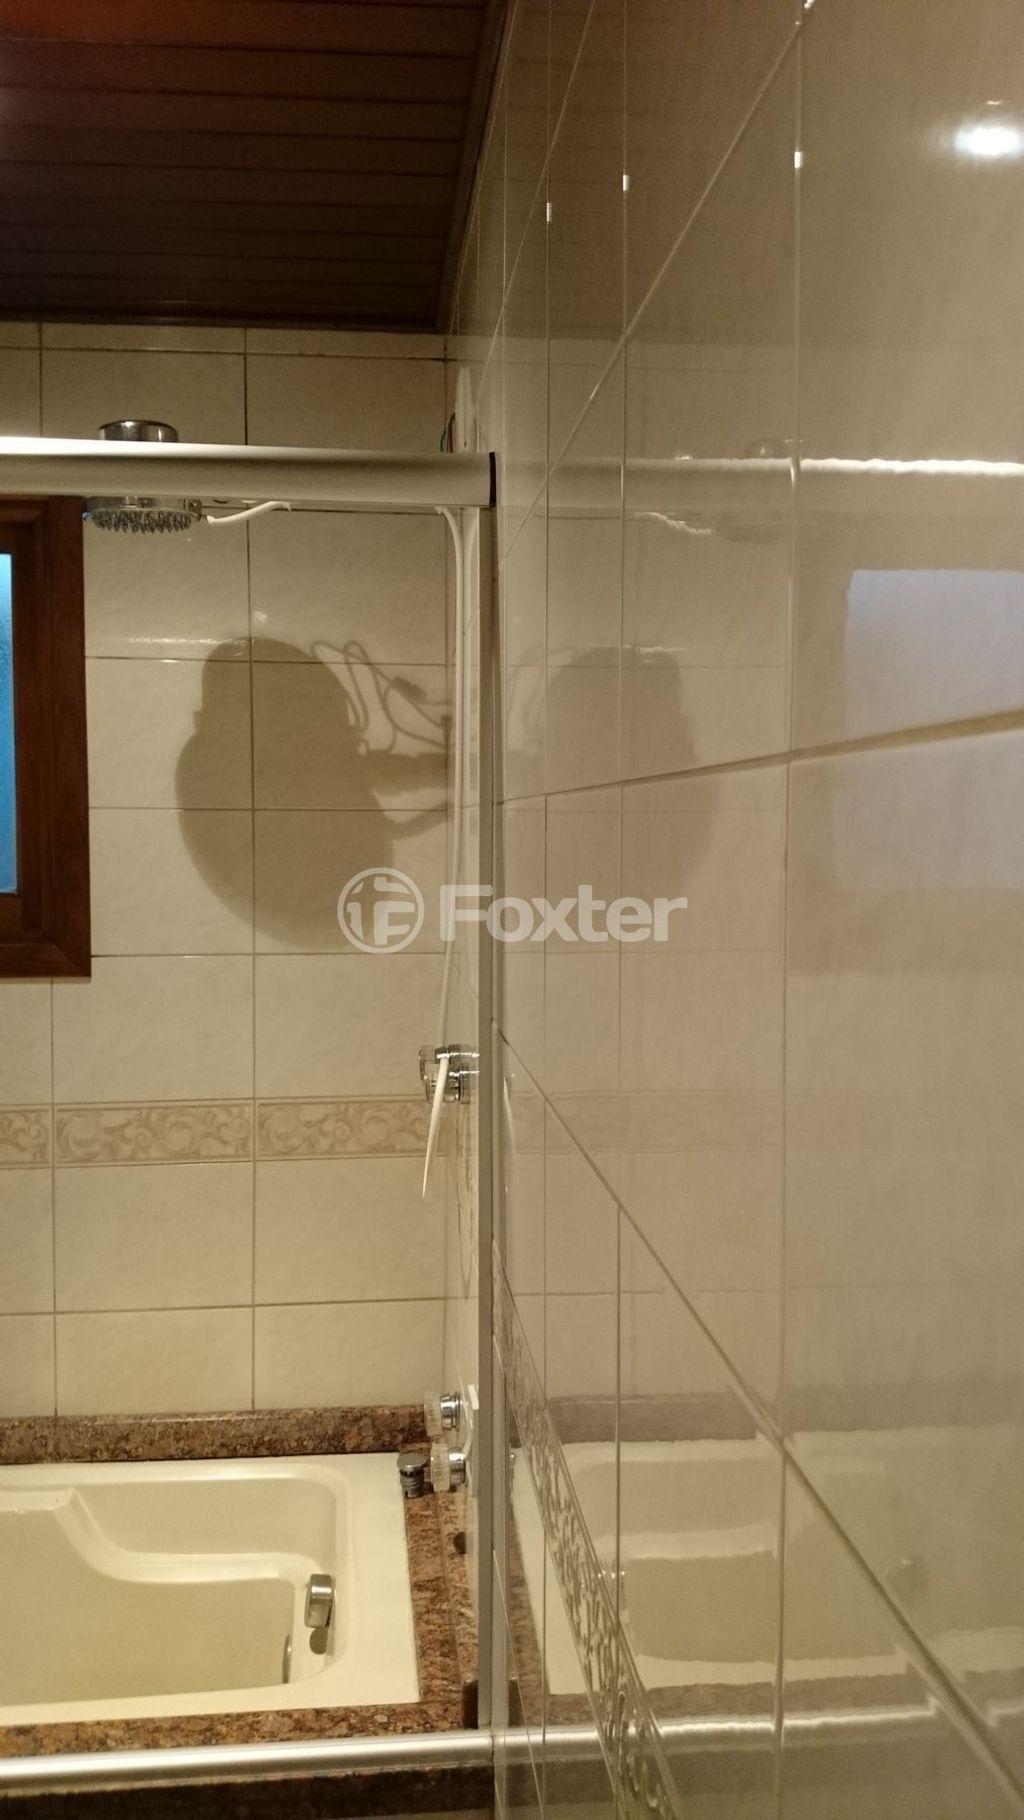 Foxter Imobiliária - Cobertura 3 Dorm (137279) - Foto 11